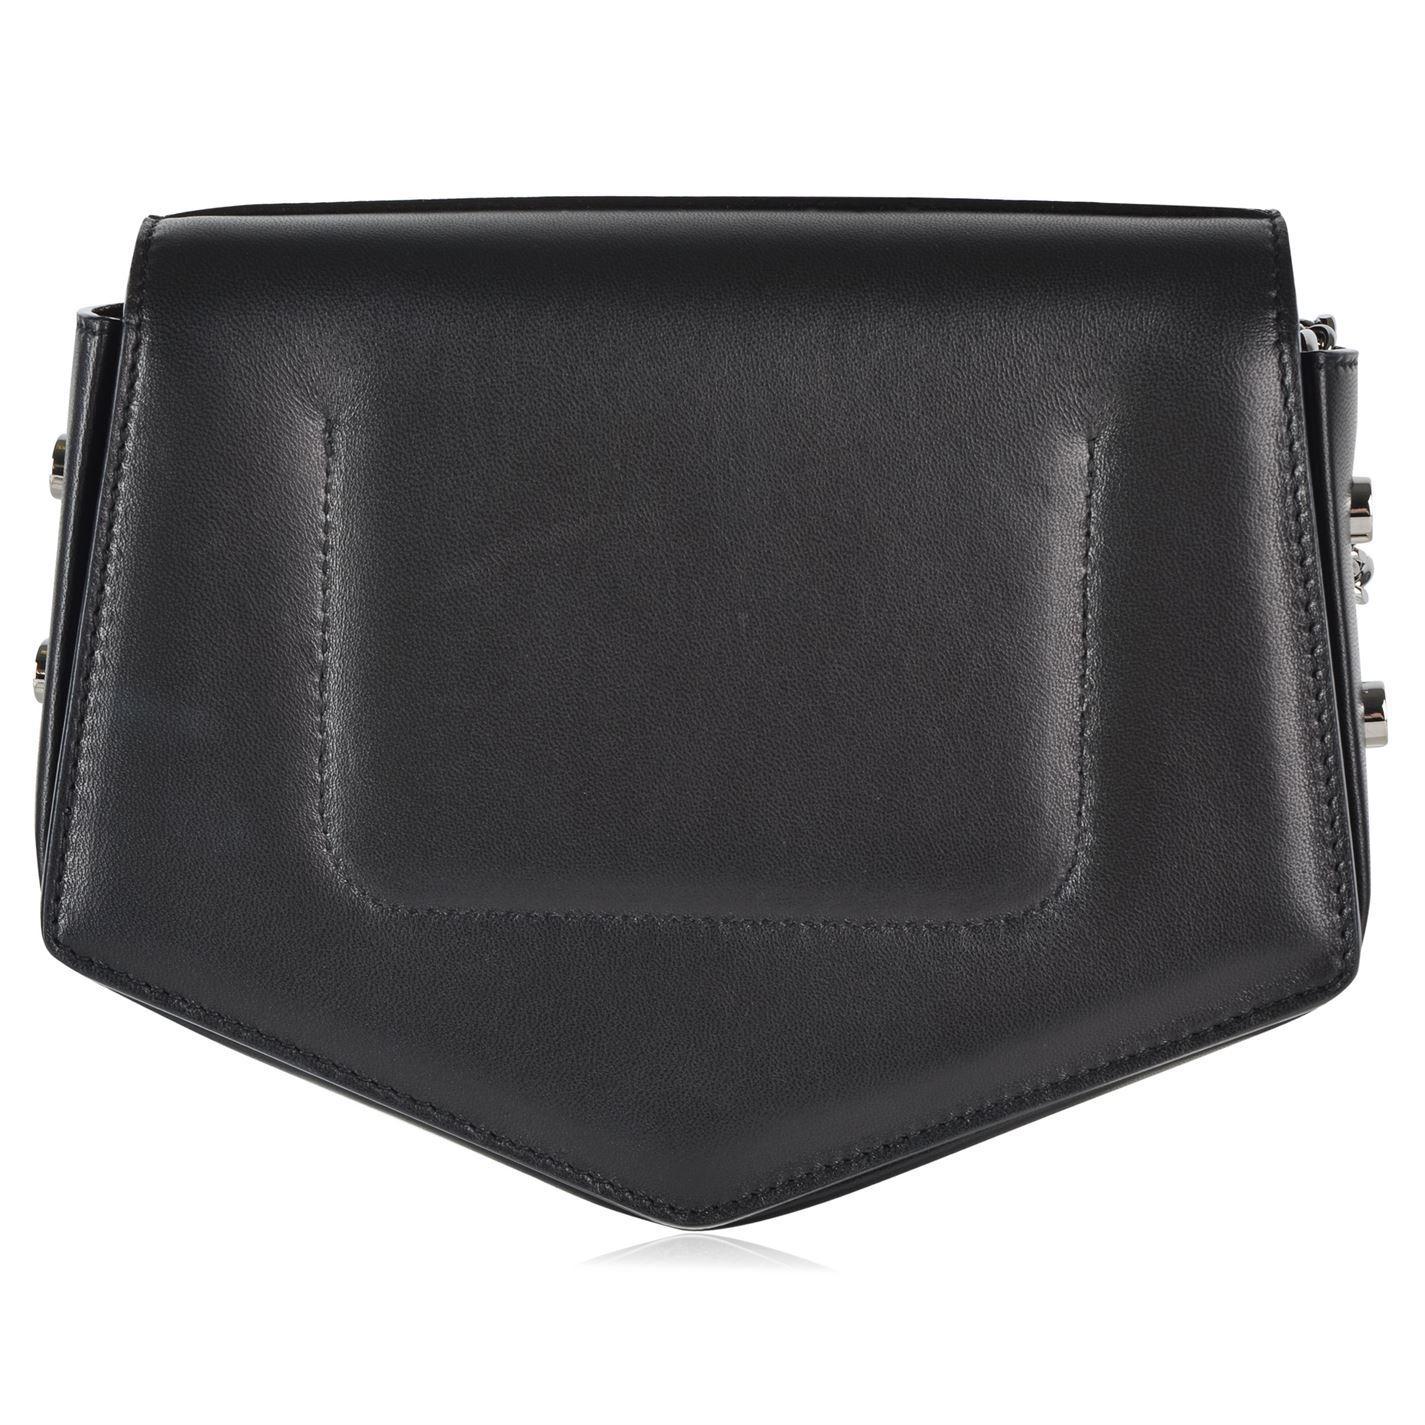 Jimmy Choo Leather Arrow Cross Body Bag in Black